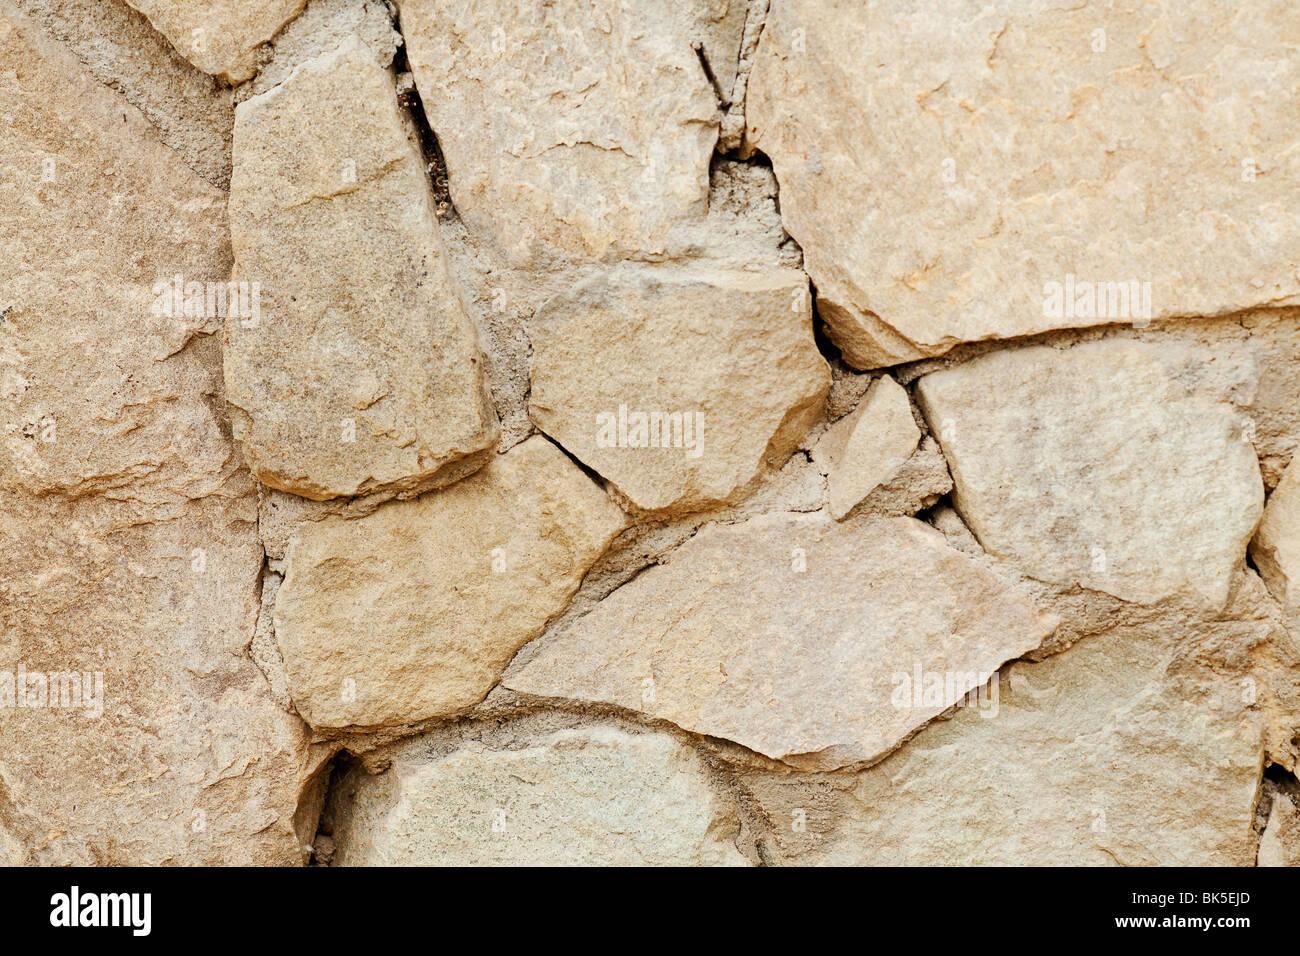 Muro de piedra rodada de fondo con una lente macro Imagen De Stock